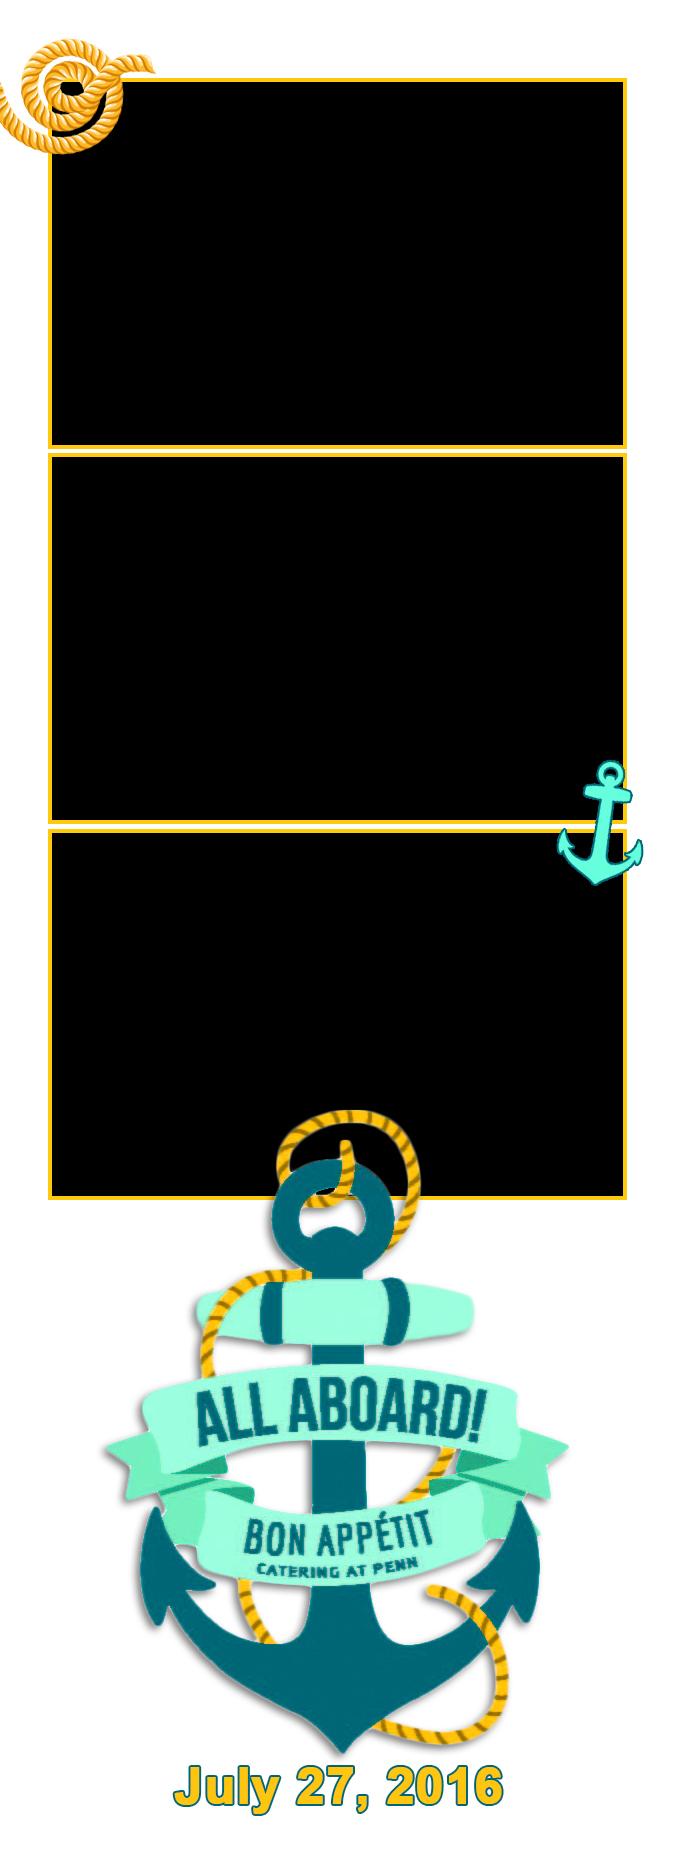 All-Aboard-Template-3.jpg